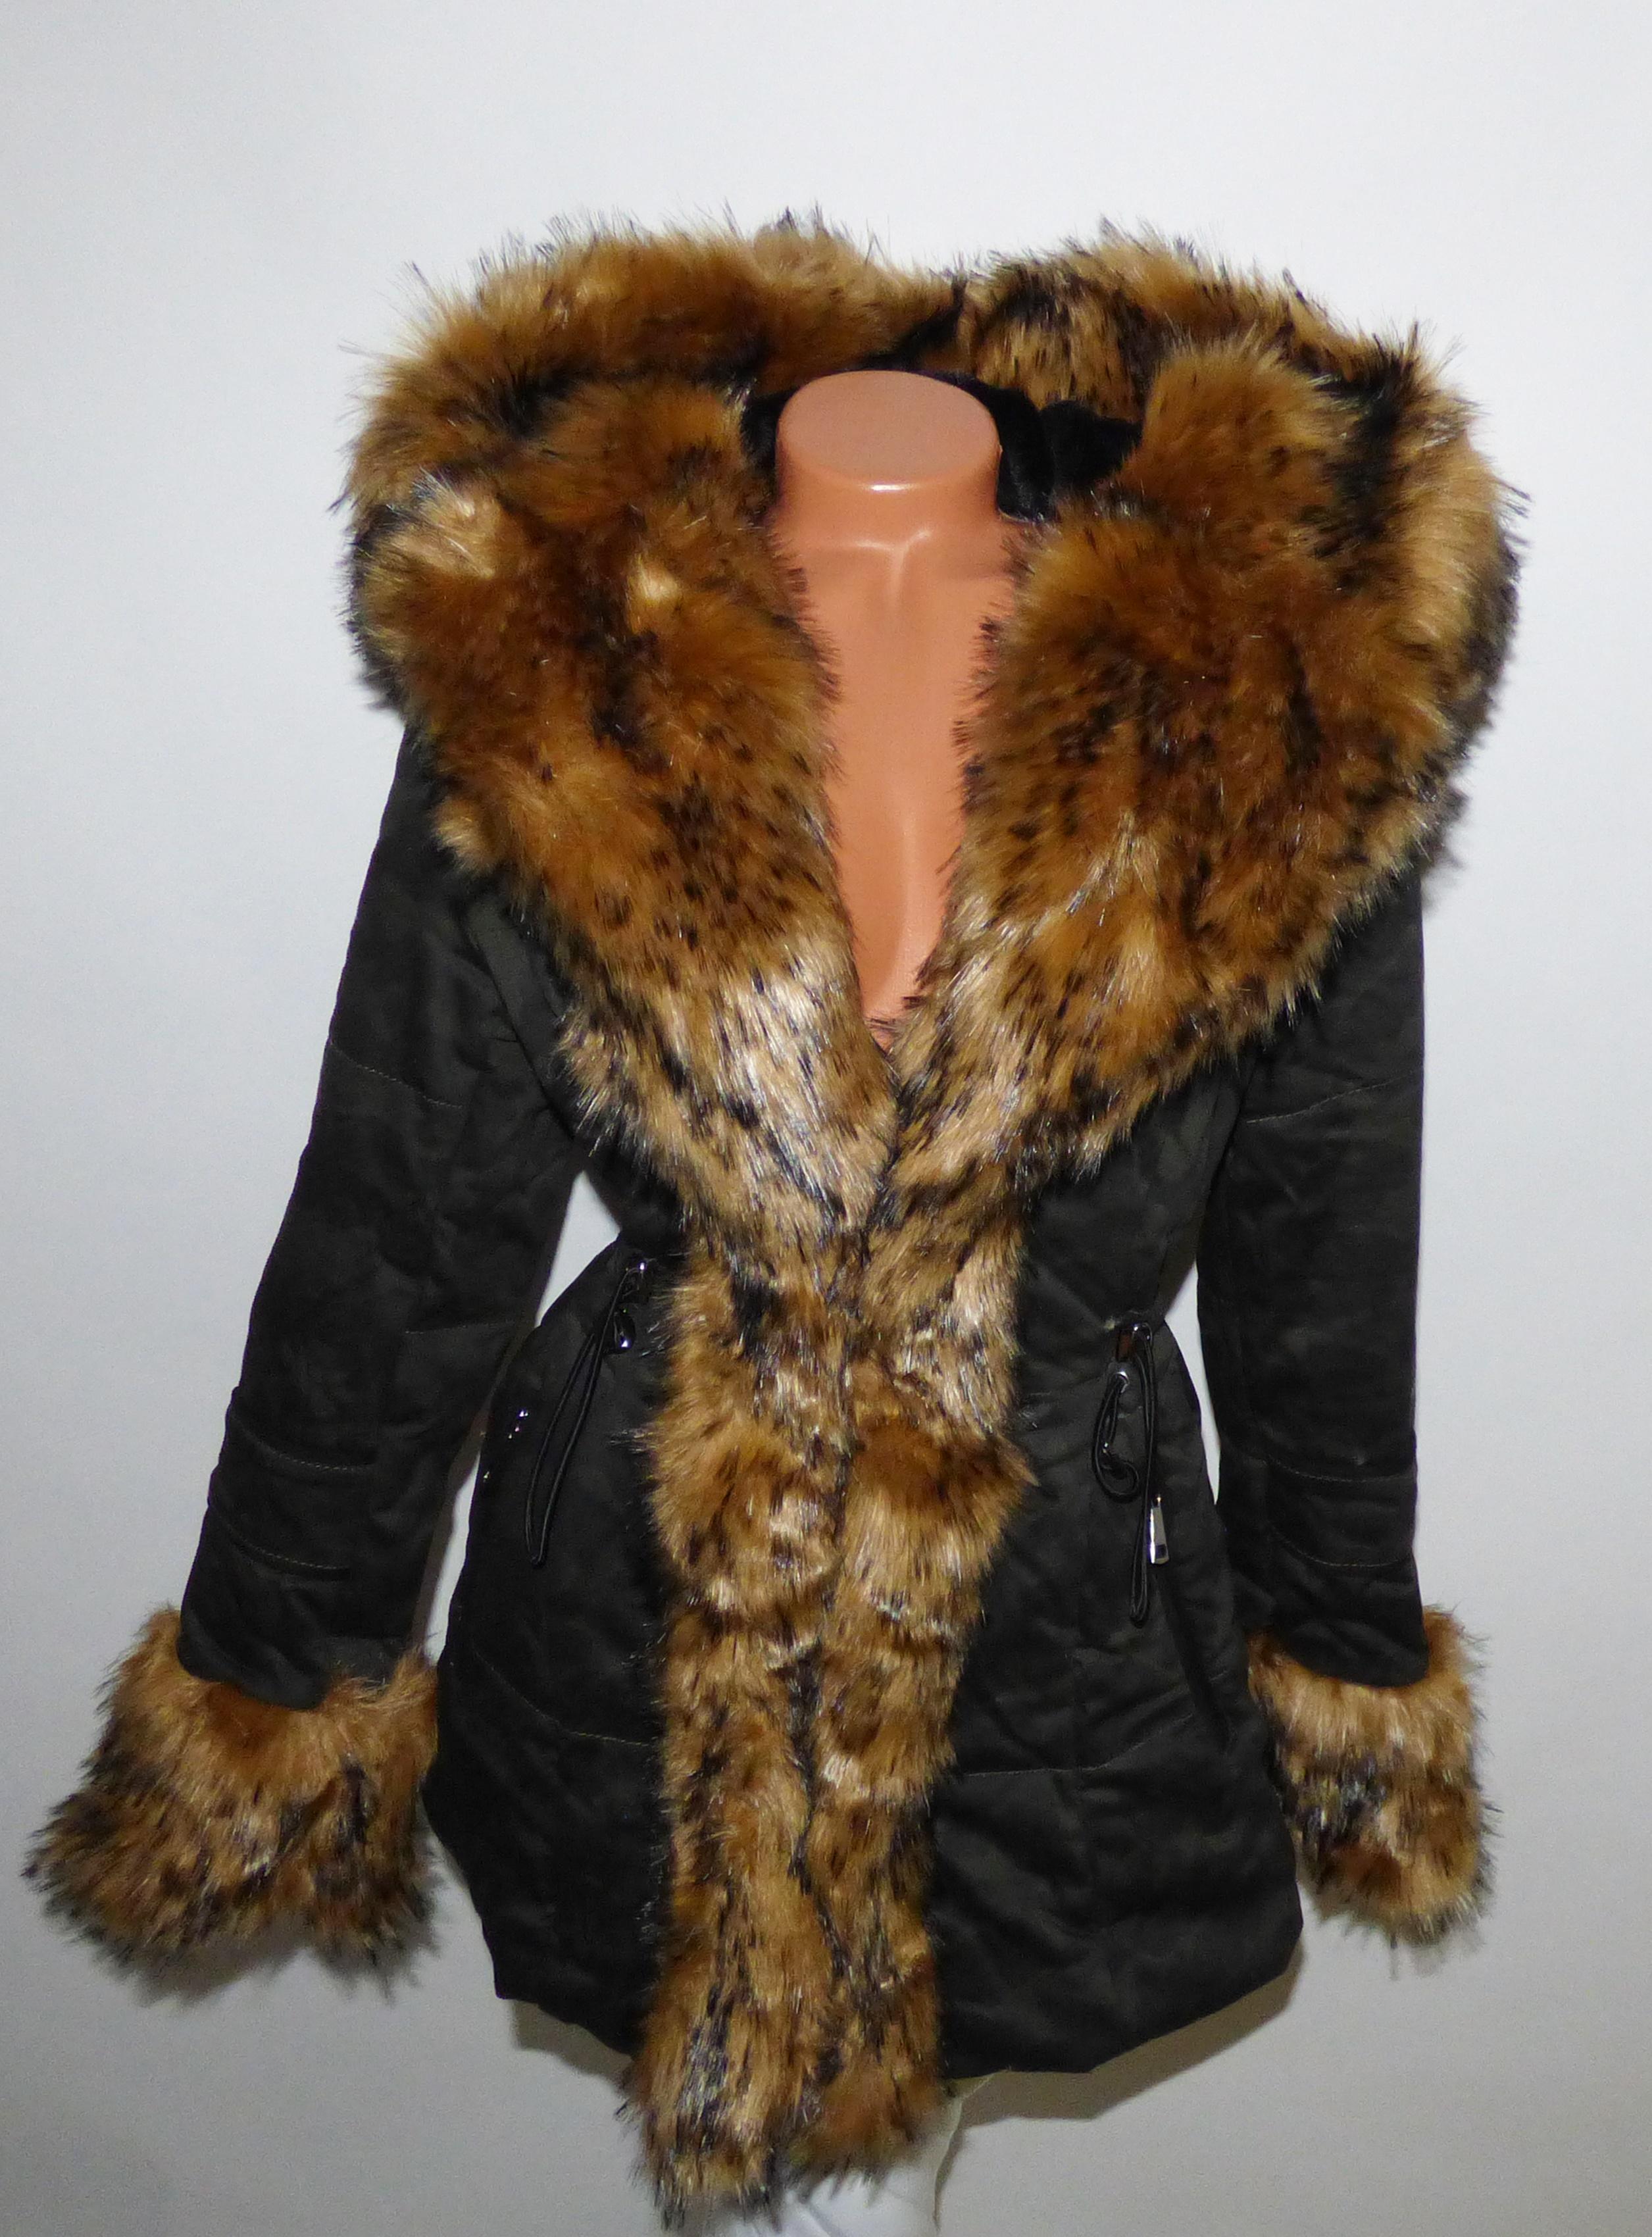 05aca7f20d Terepmintás szőrmés kabát - Dzseki / Kabát - Luna Gardrobe Női ruha  WebÁruház, Akciós - olcsó női ruha, Női ruha webshop, Online trendi -  divatos ruha